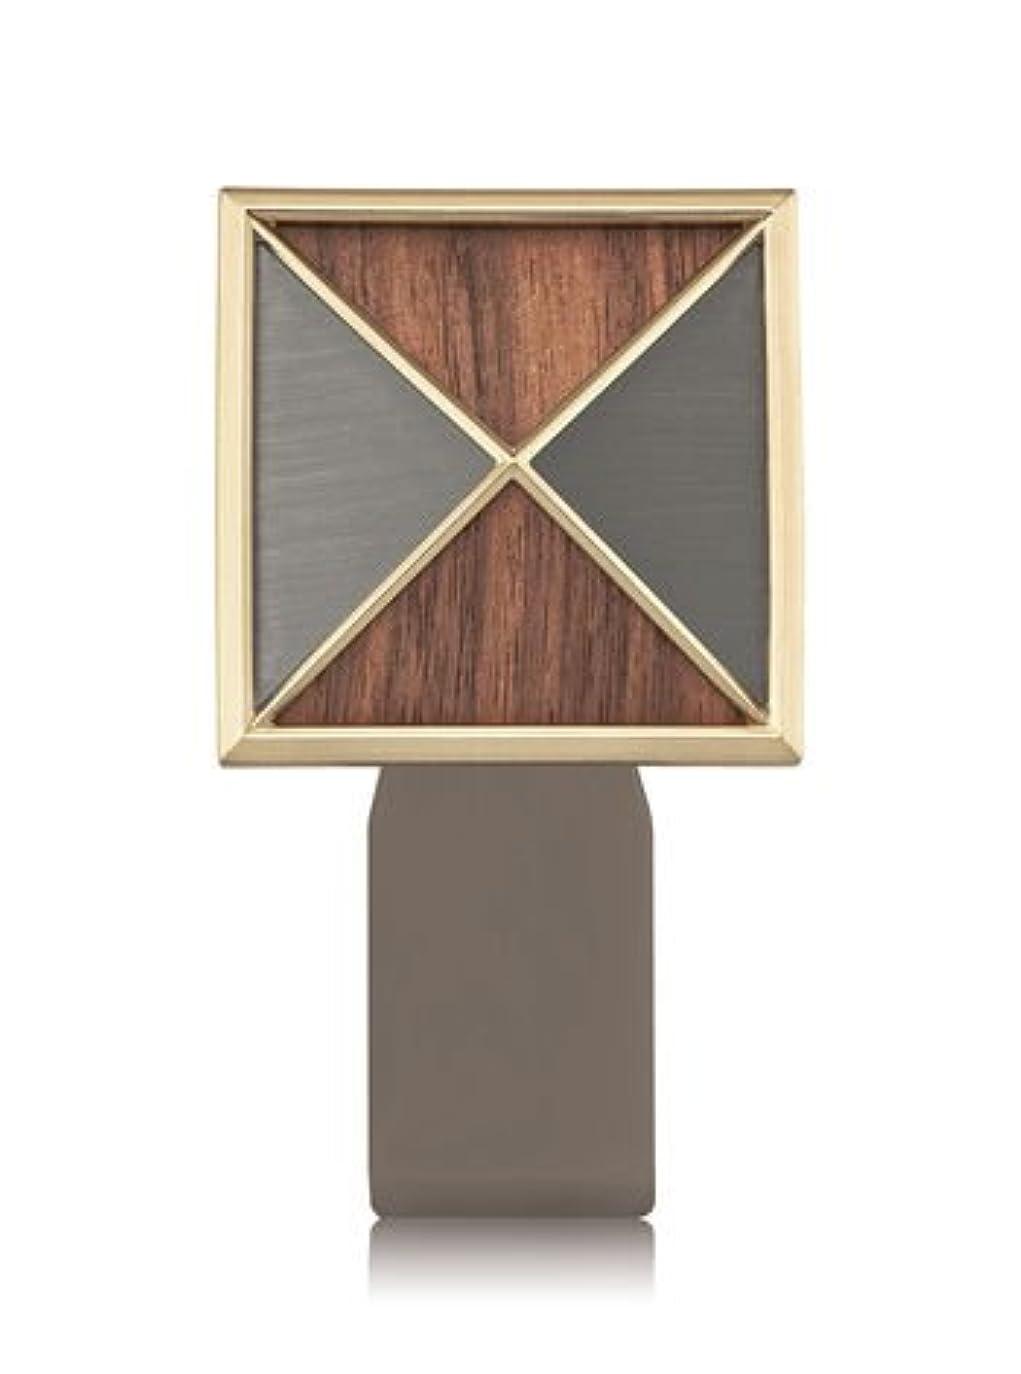 吸収計り知れない忌まわしい【Bath&Body Works/バス&ボディワークス】 ルームフレグランス プラグインスターター (本体のみ) テクスチャーシールド Wallflowers Fragrance Plug Textured Shield [並行輸入品]